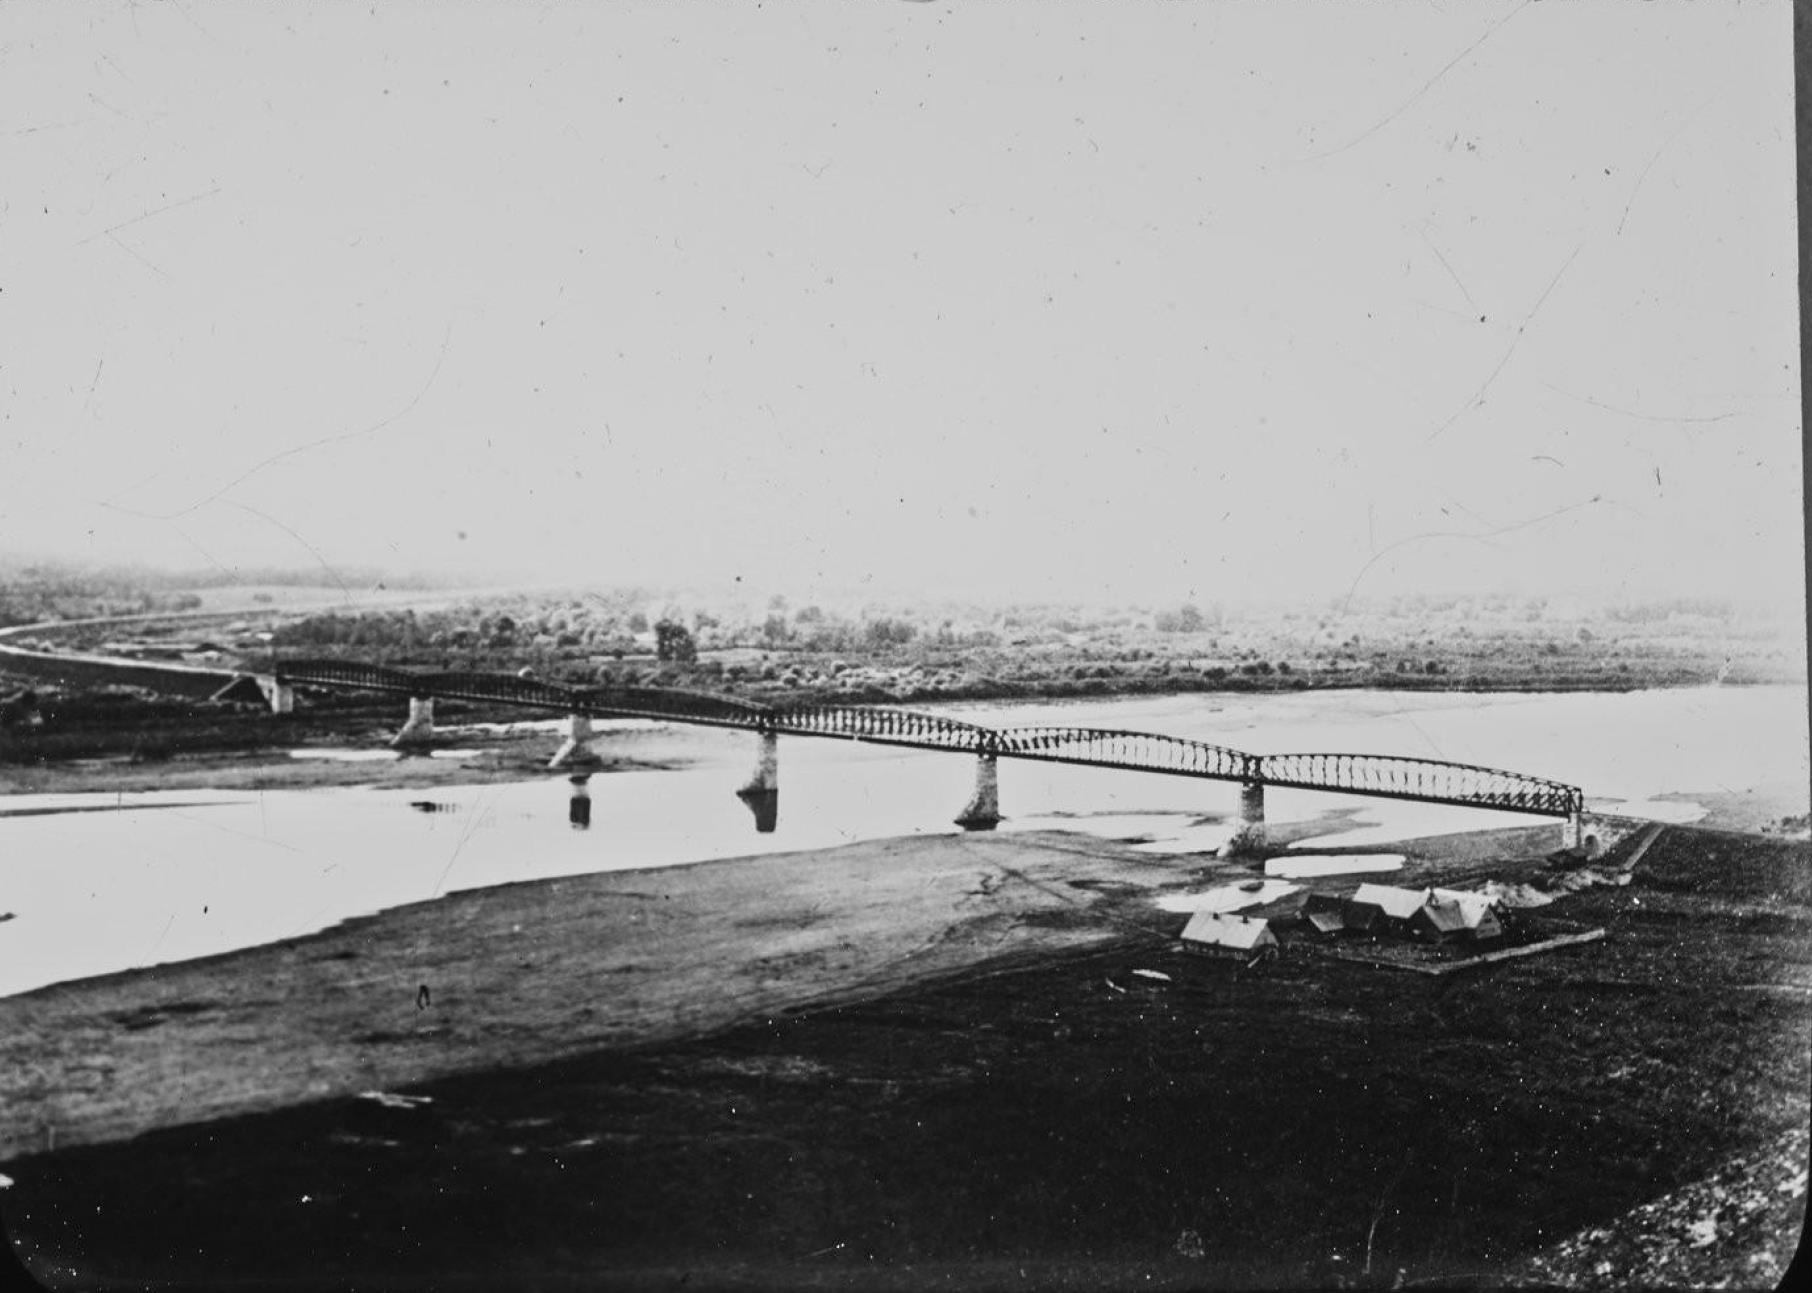 Уфимская губерния. Мост через реку Белая под Уфой